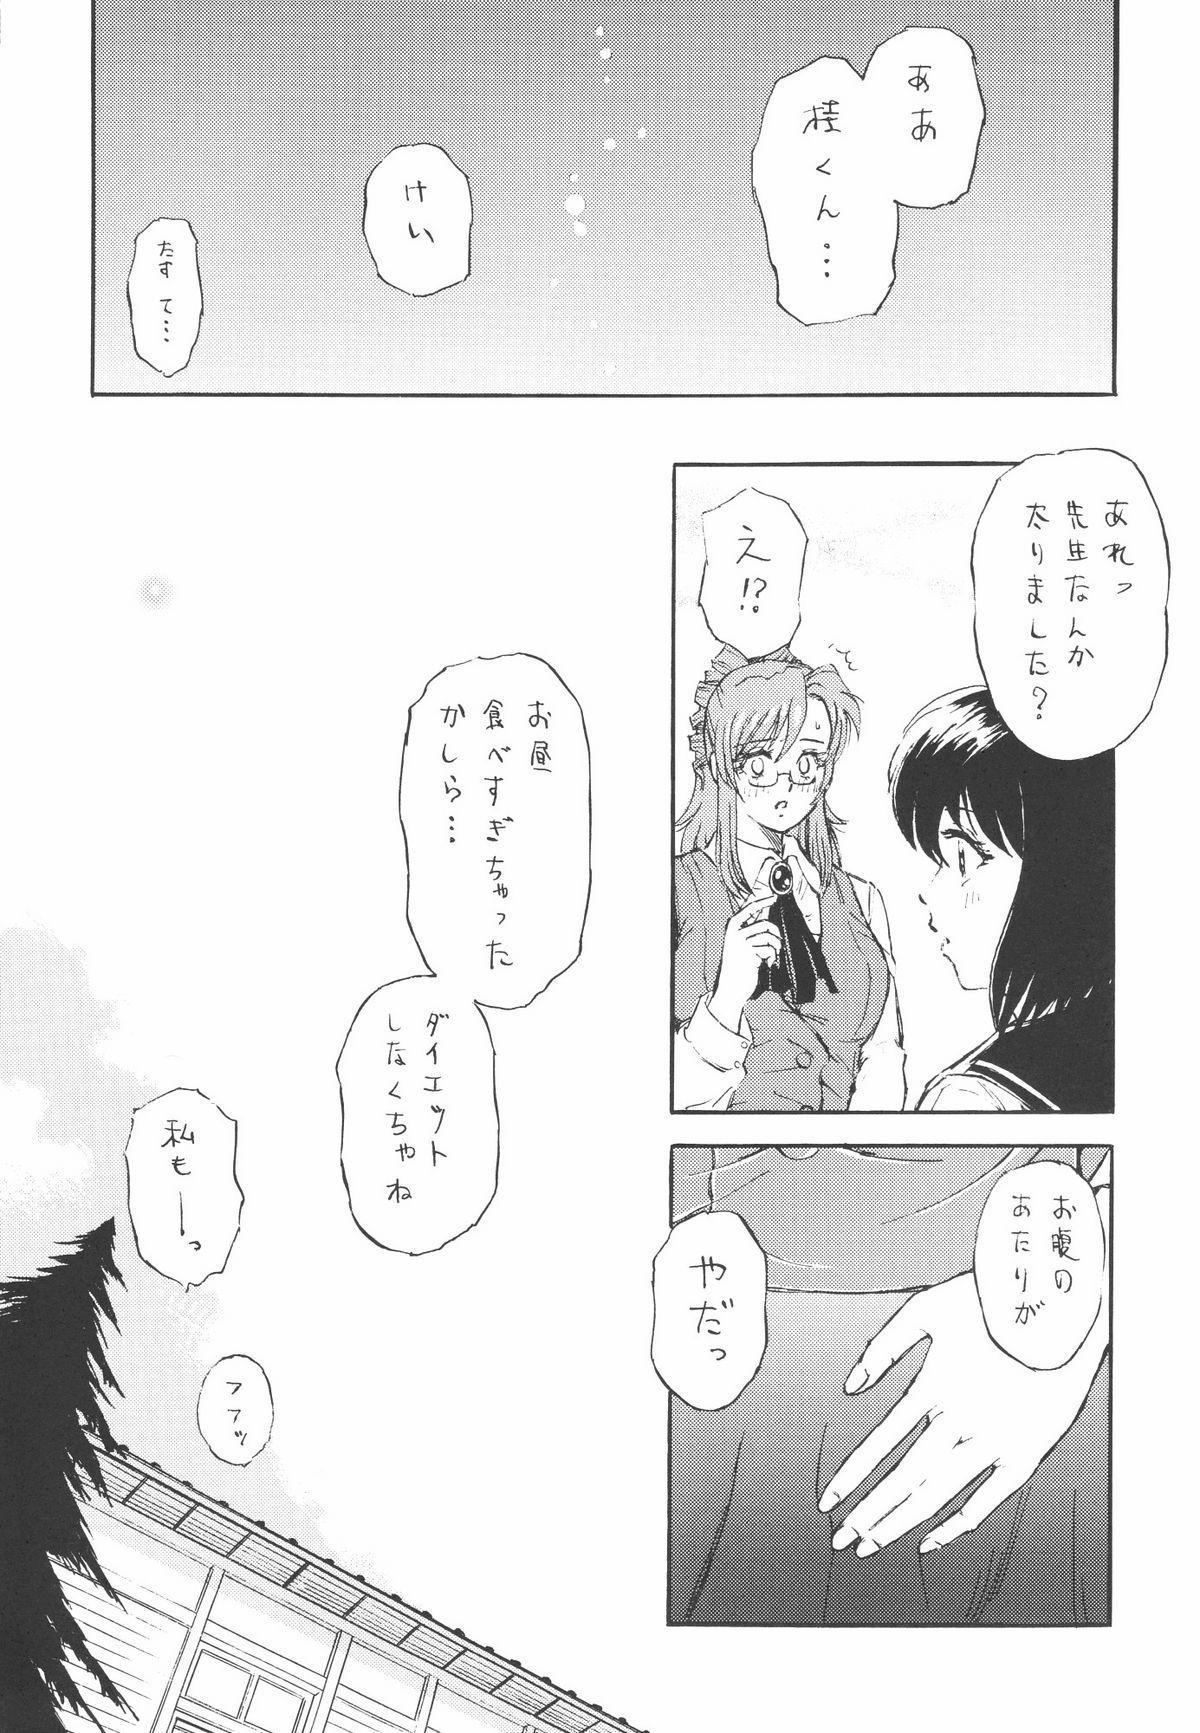 Megane no Sensei ha Suki Desuka? 24